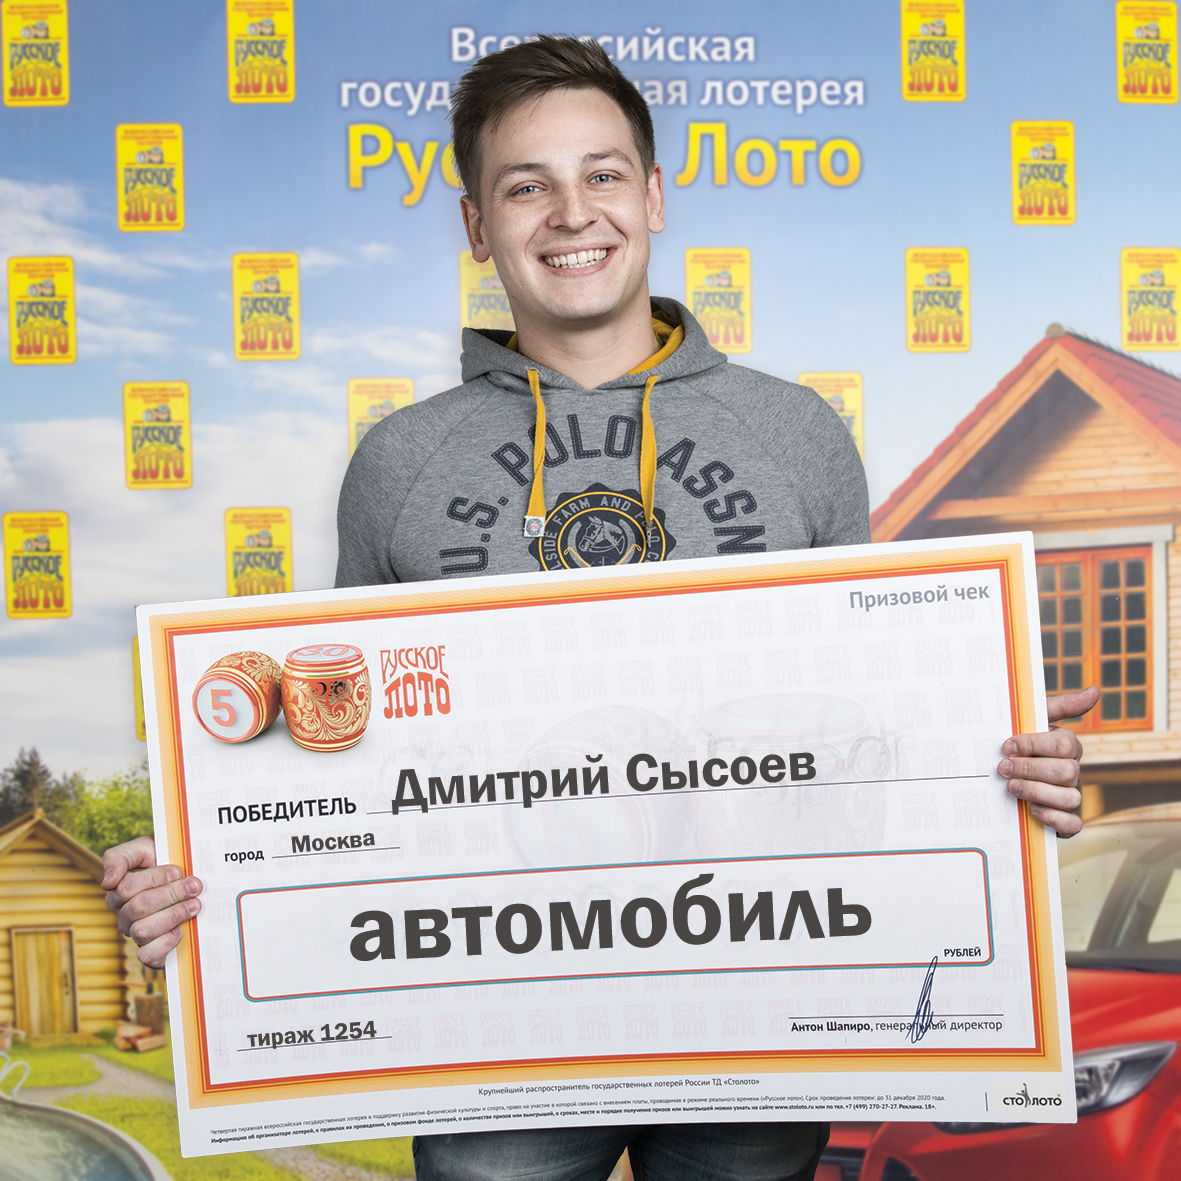 Sprawdź kupon na loterię online